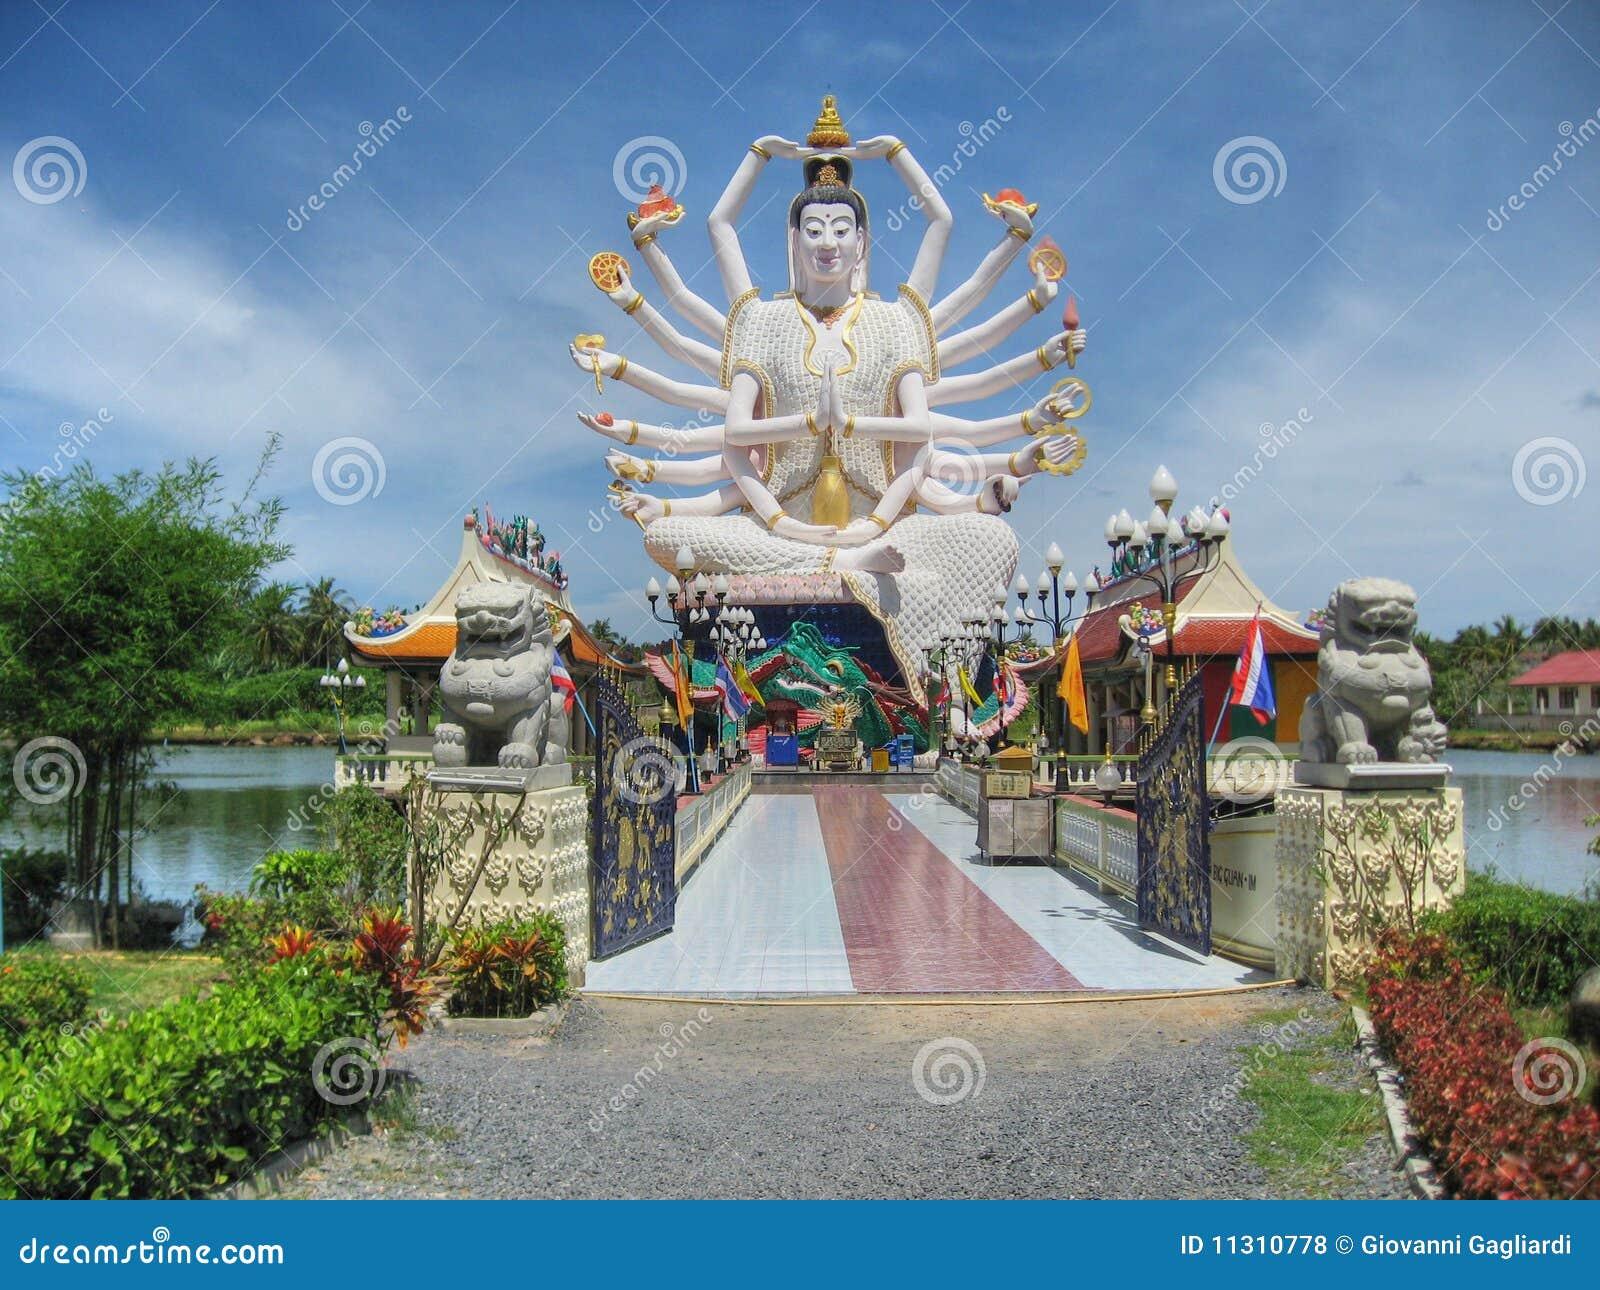 Ναός σε koh-Samui, Ταϊλάνδη, Αυγούστου 2007